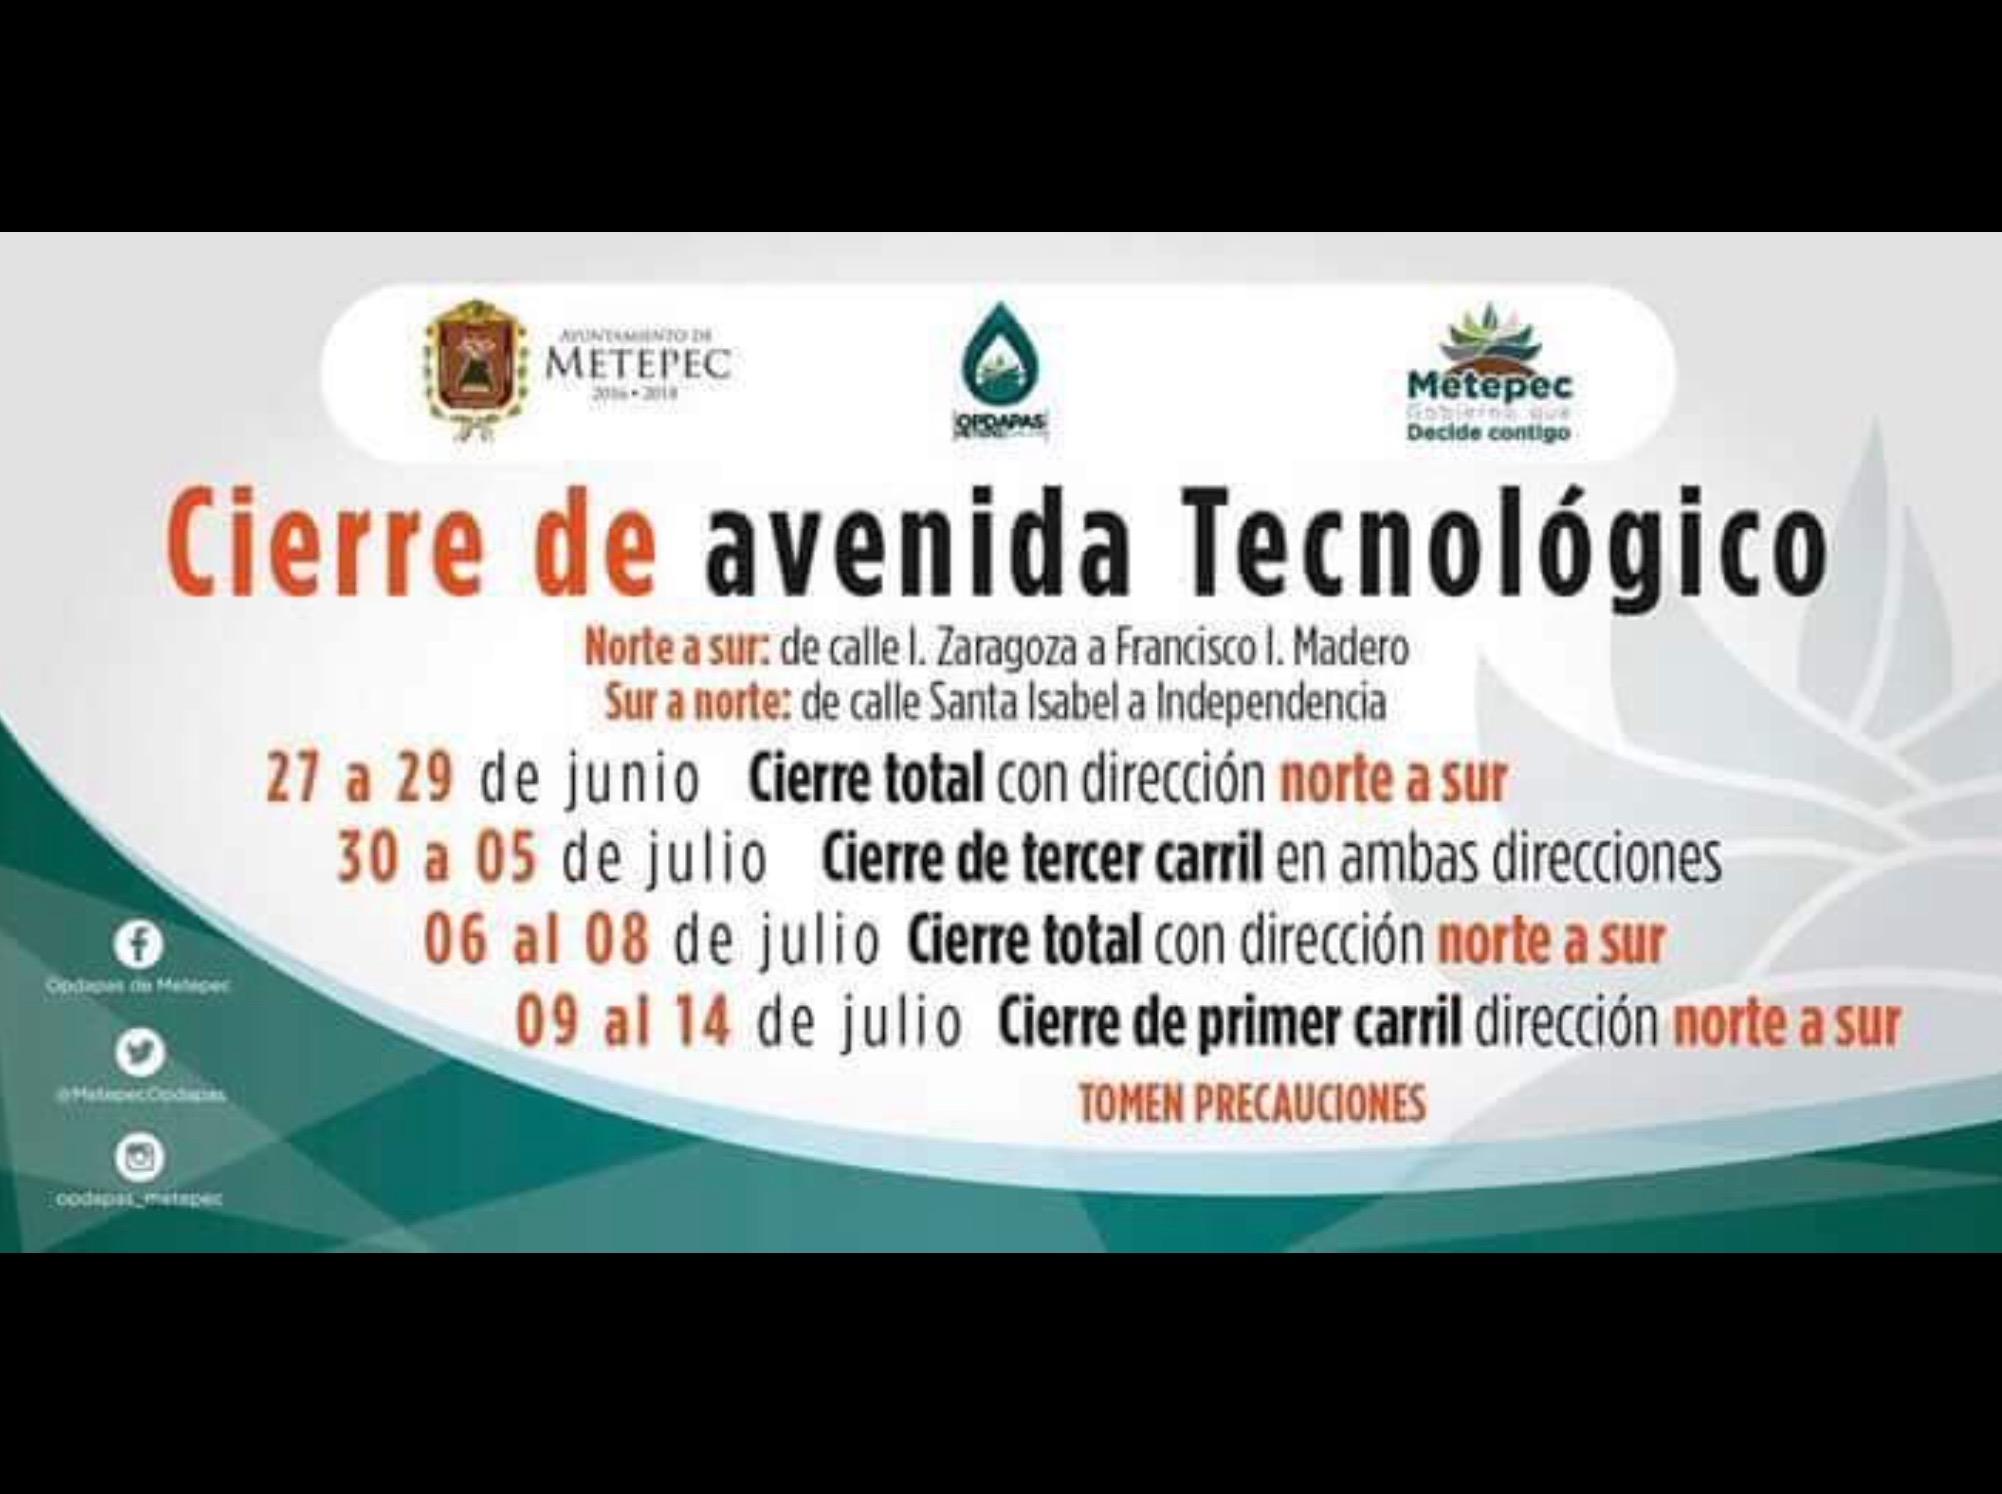 Cierre parcial de avenida Tecnológico en Metepec